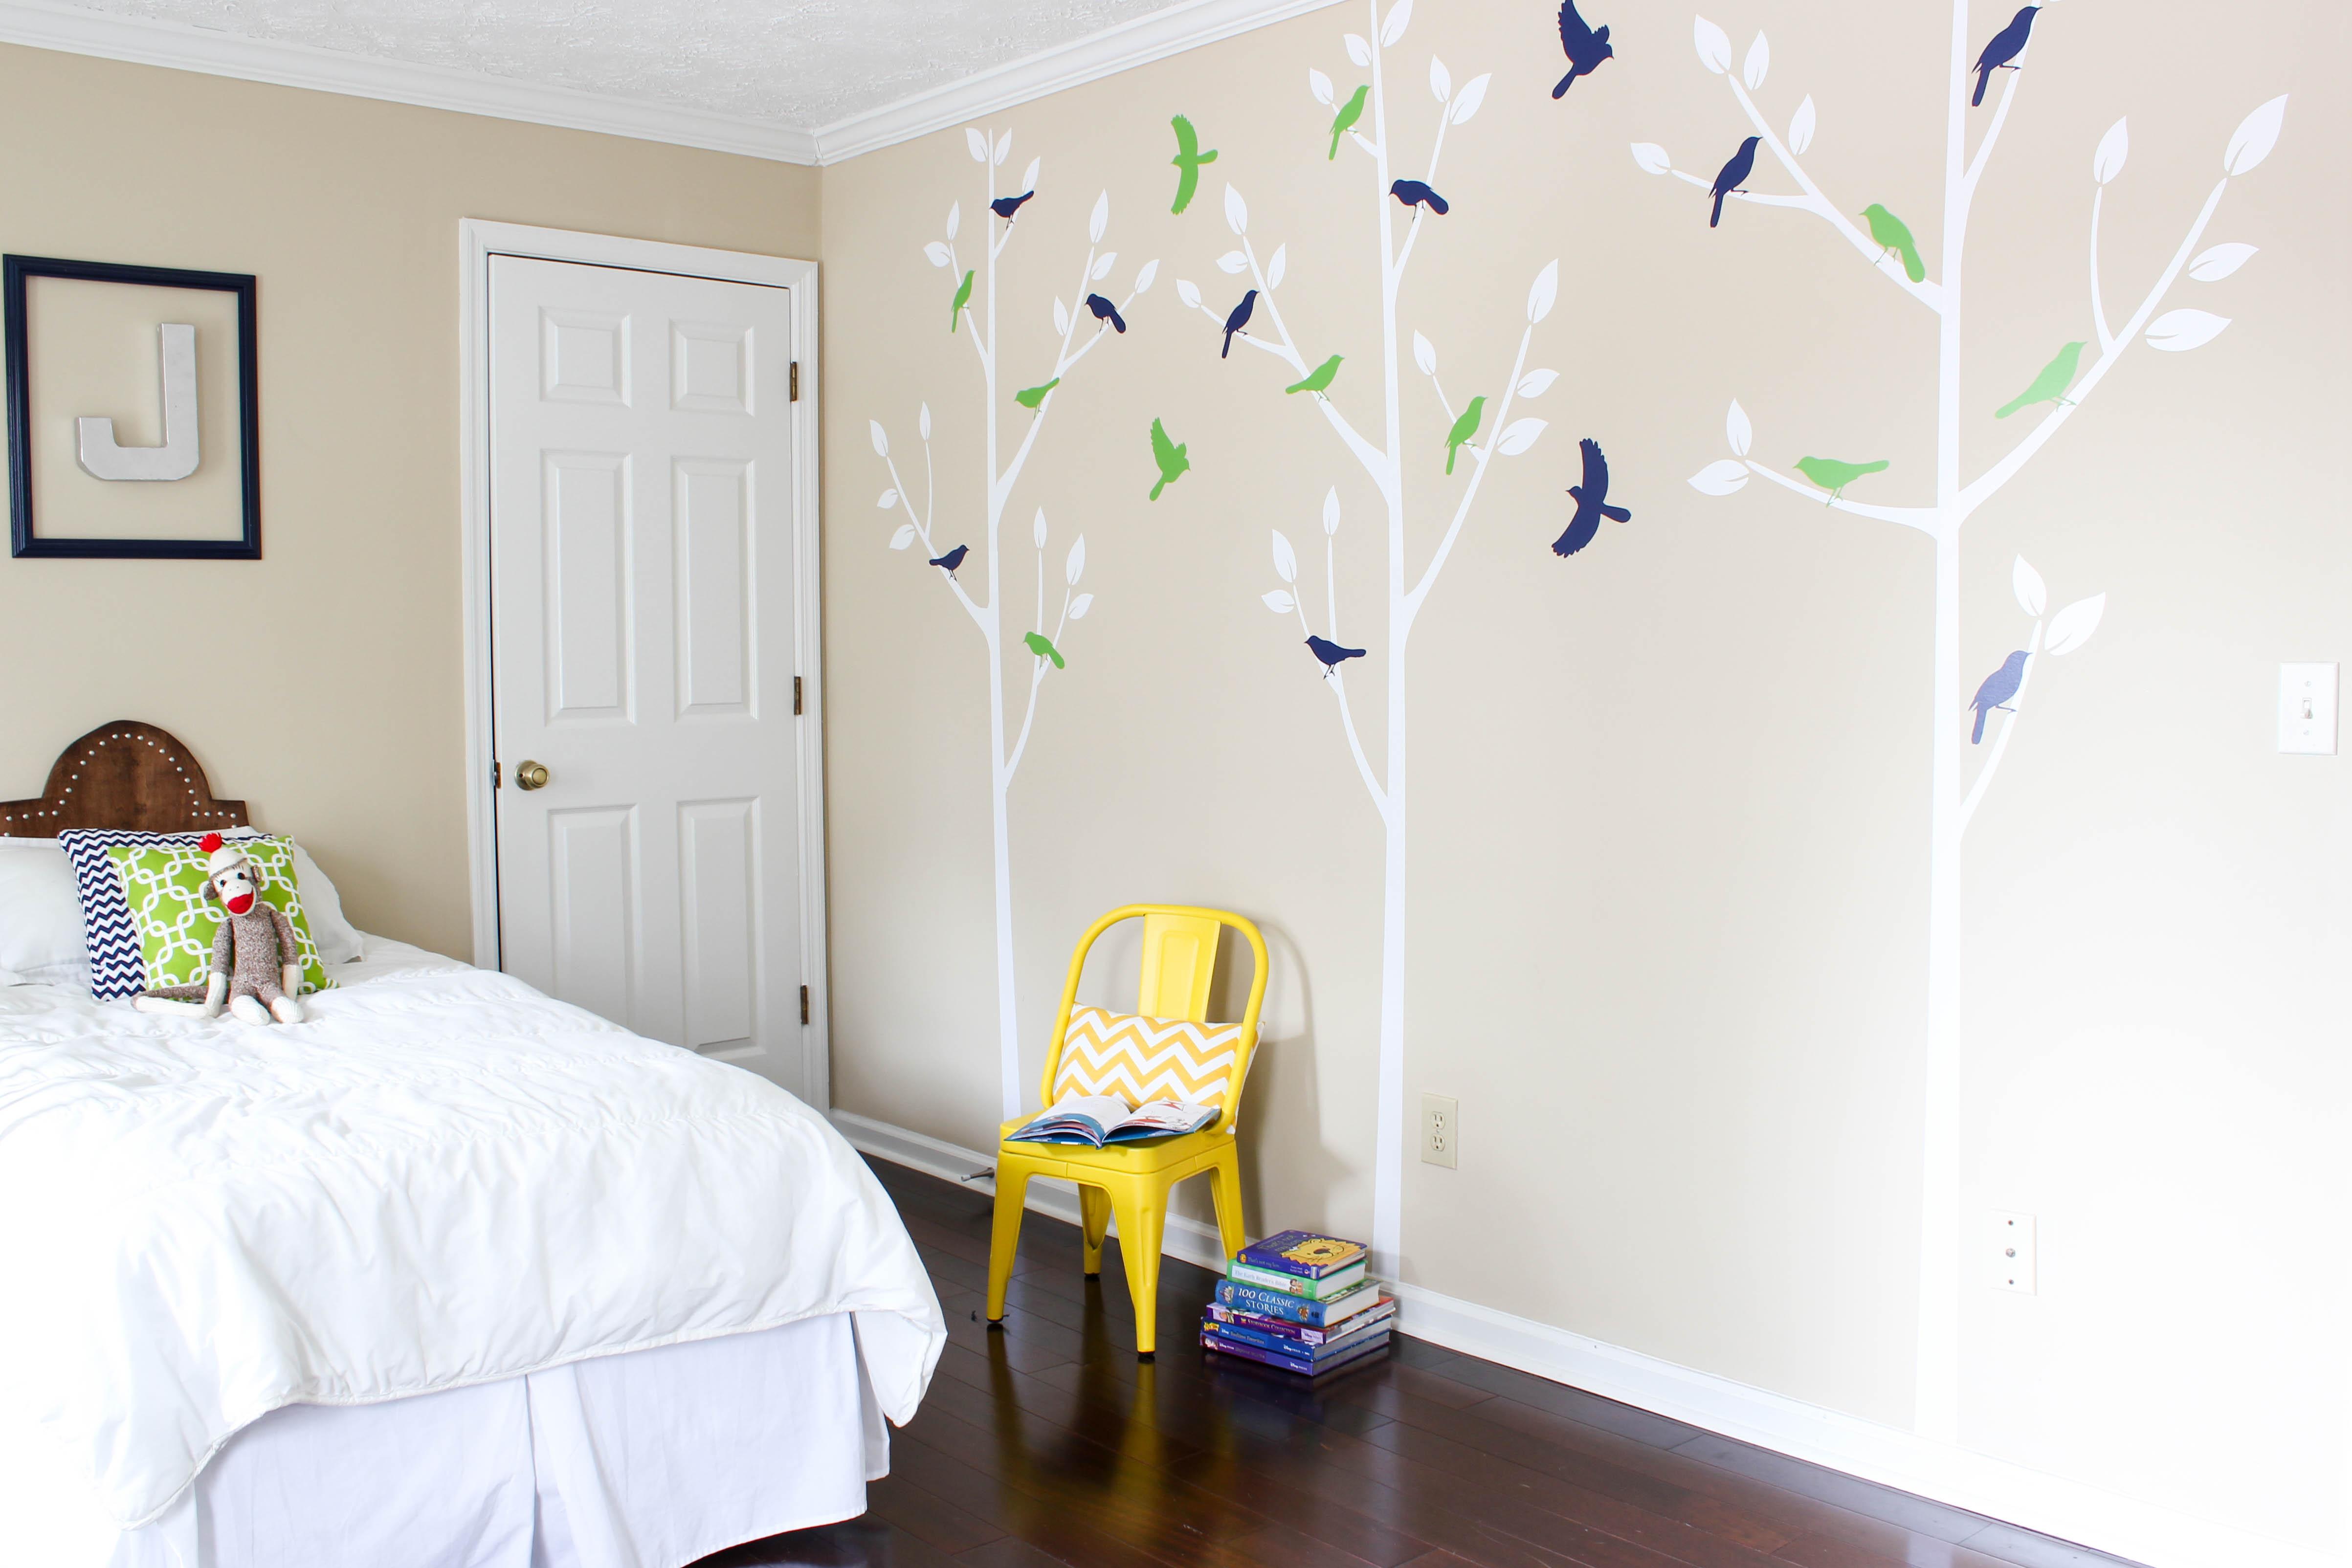 Boys Bedroom Update & Wall Decals Giveaway!